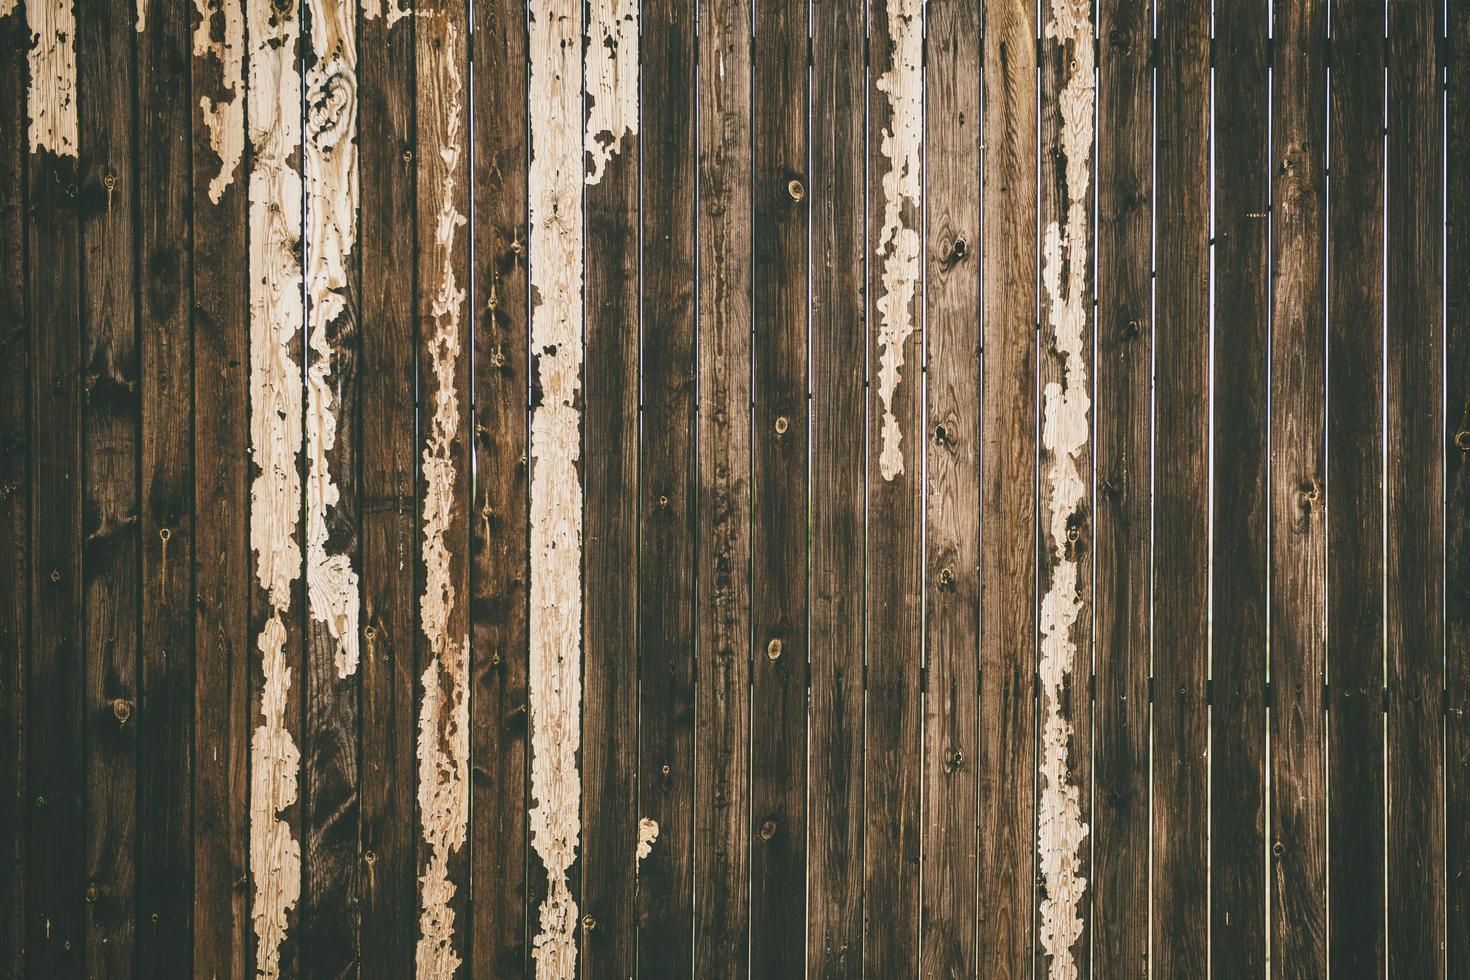 valla de madera desgastada foto